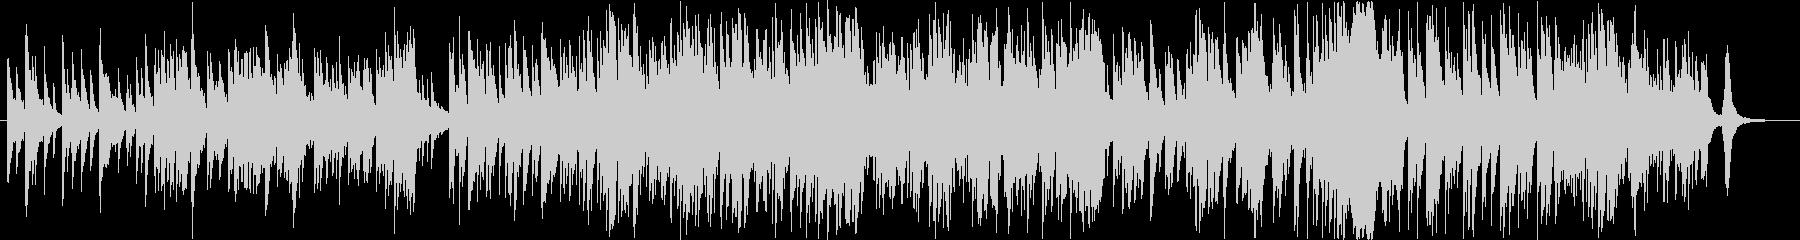 ガットギターとピアノのやさしいワルツの未再生の波形